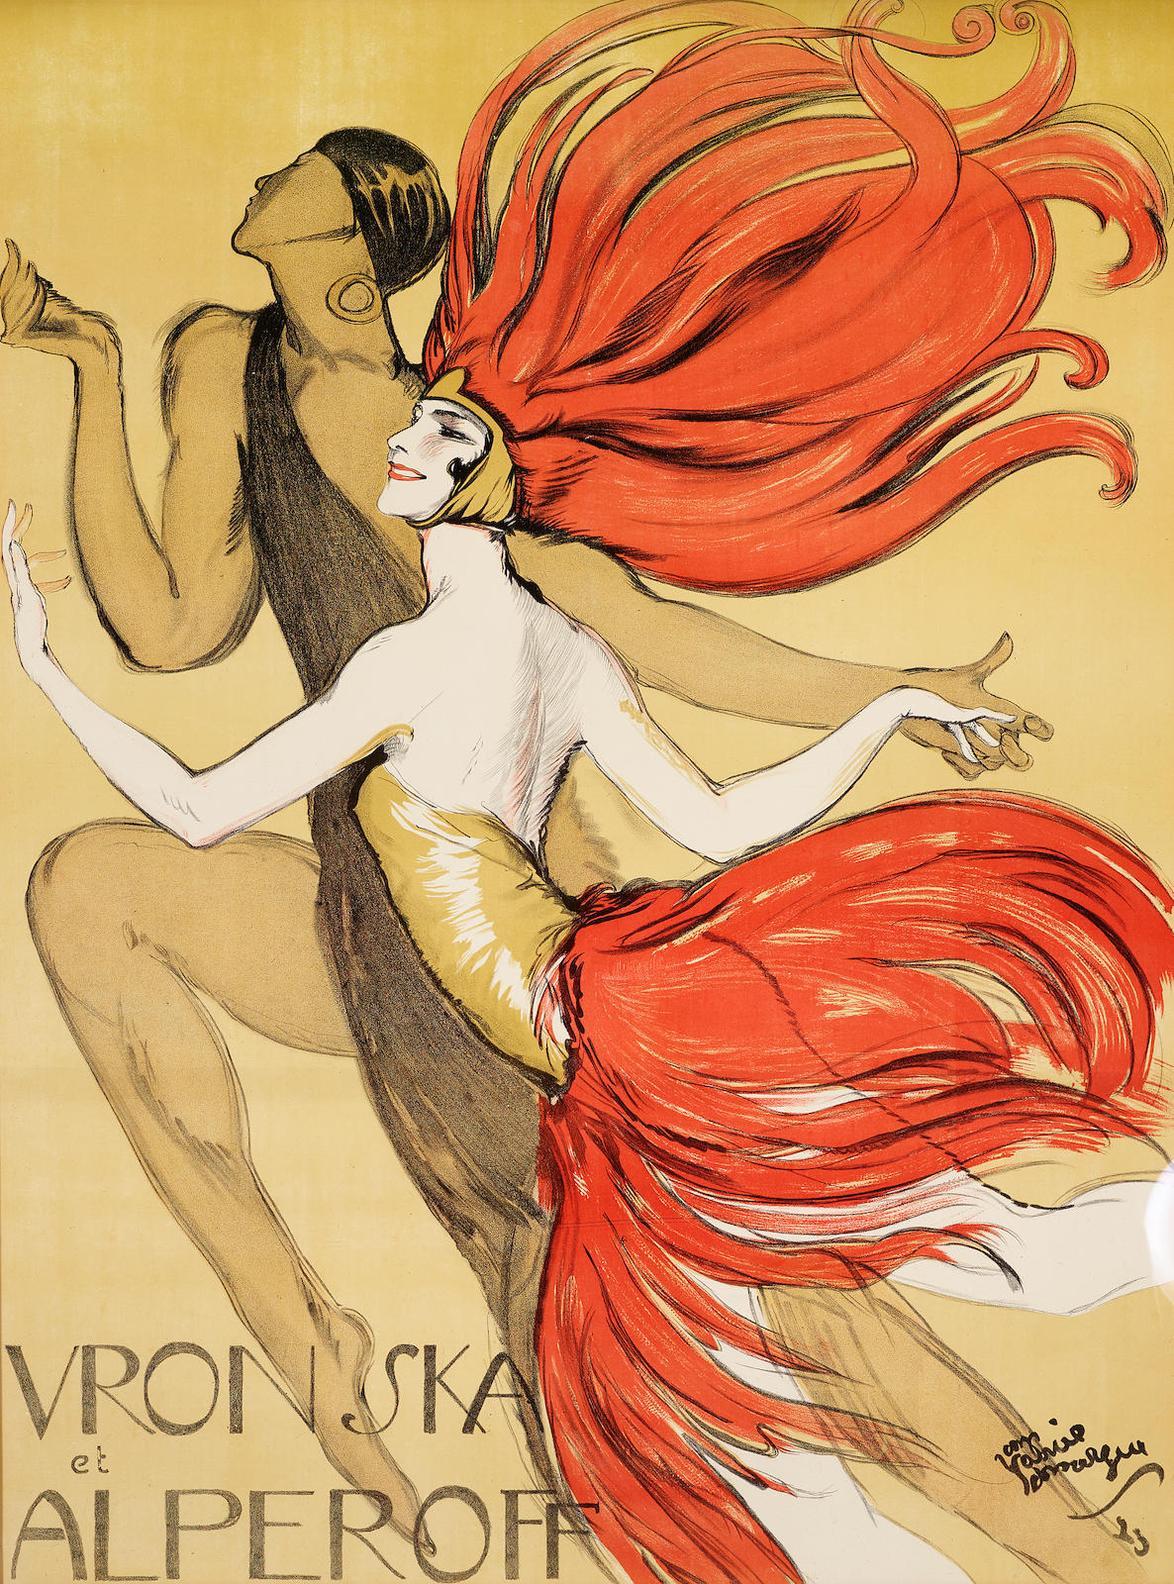 Jean-Gabriel Domergue-Vronska Et Alperoff-1923